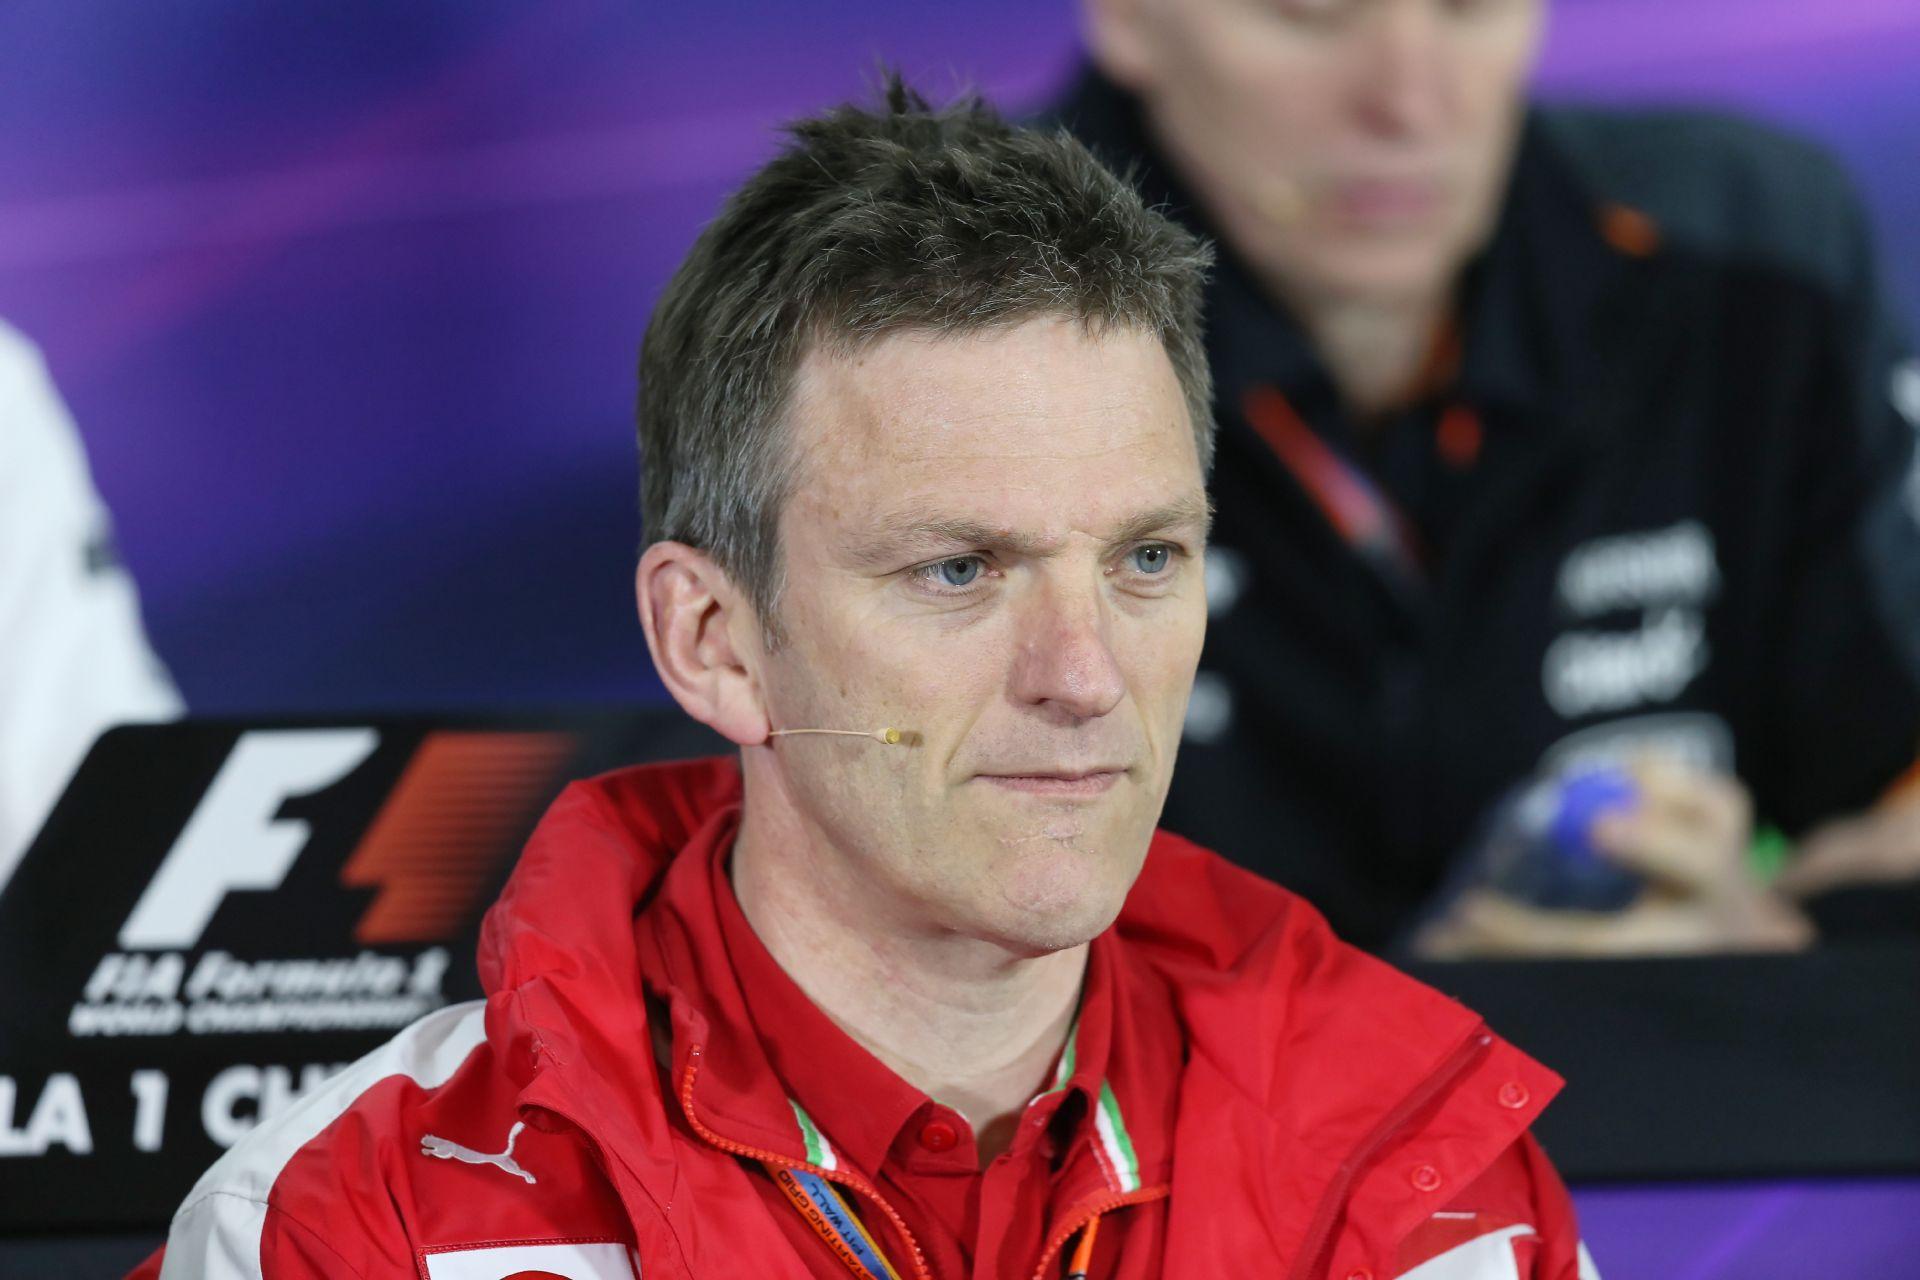 Ferrari: Kiminek minden apróságot biztosítunk, hogy az időmérőn semmi se zavarja!